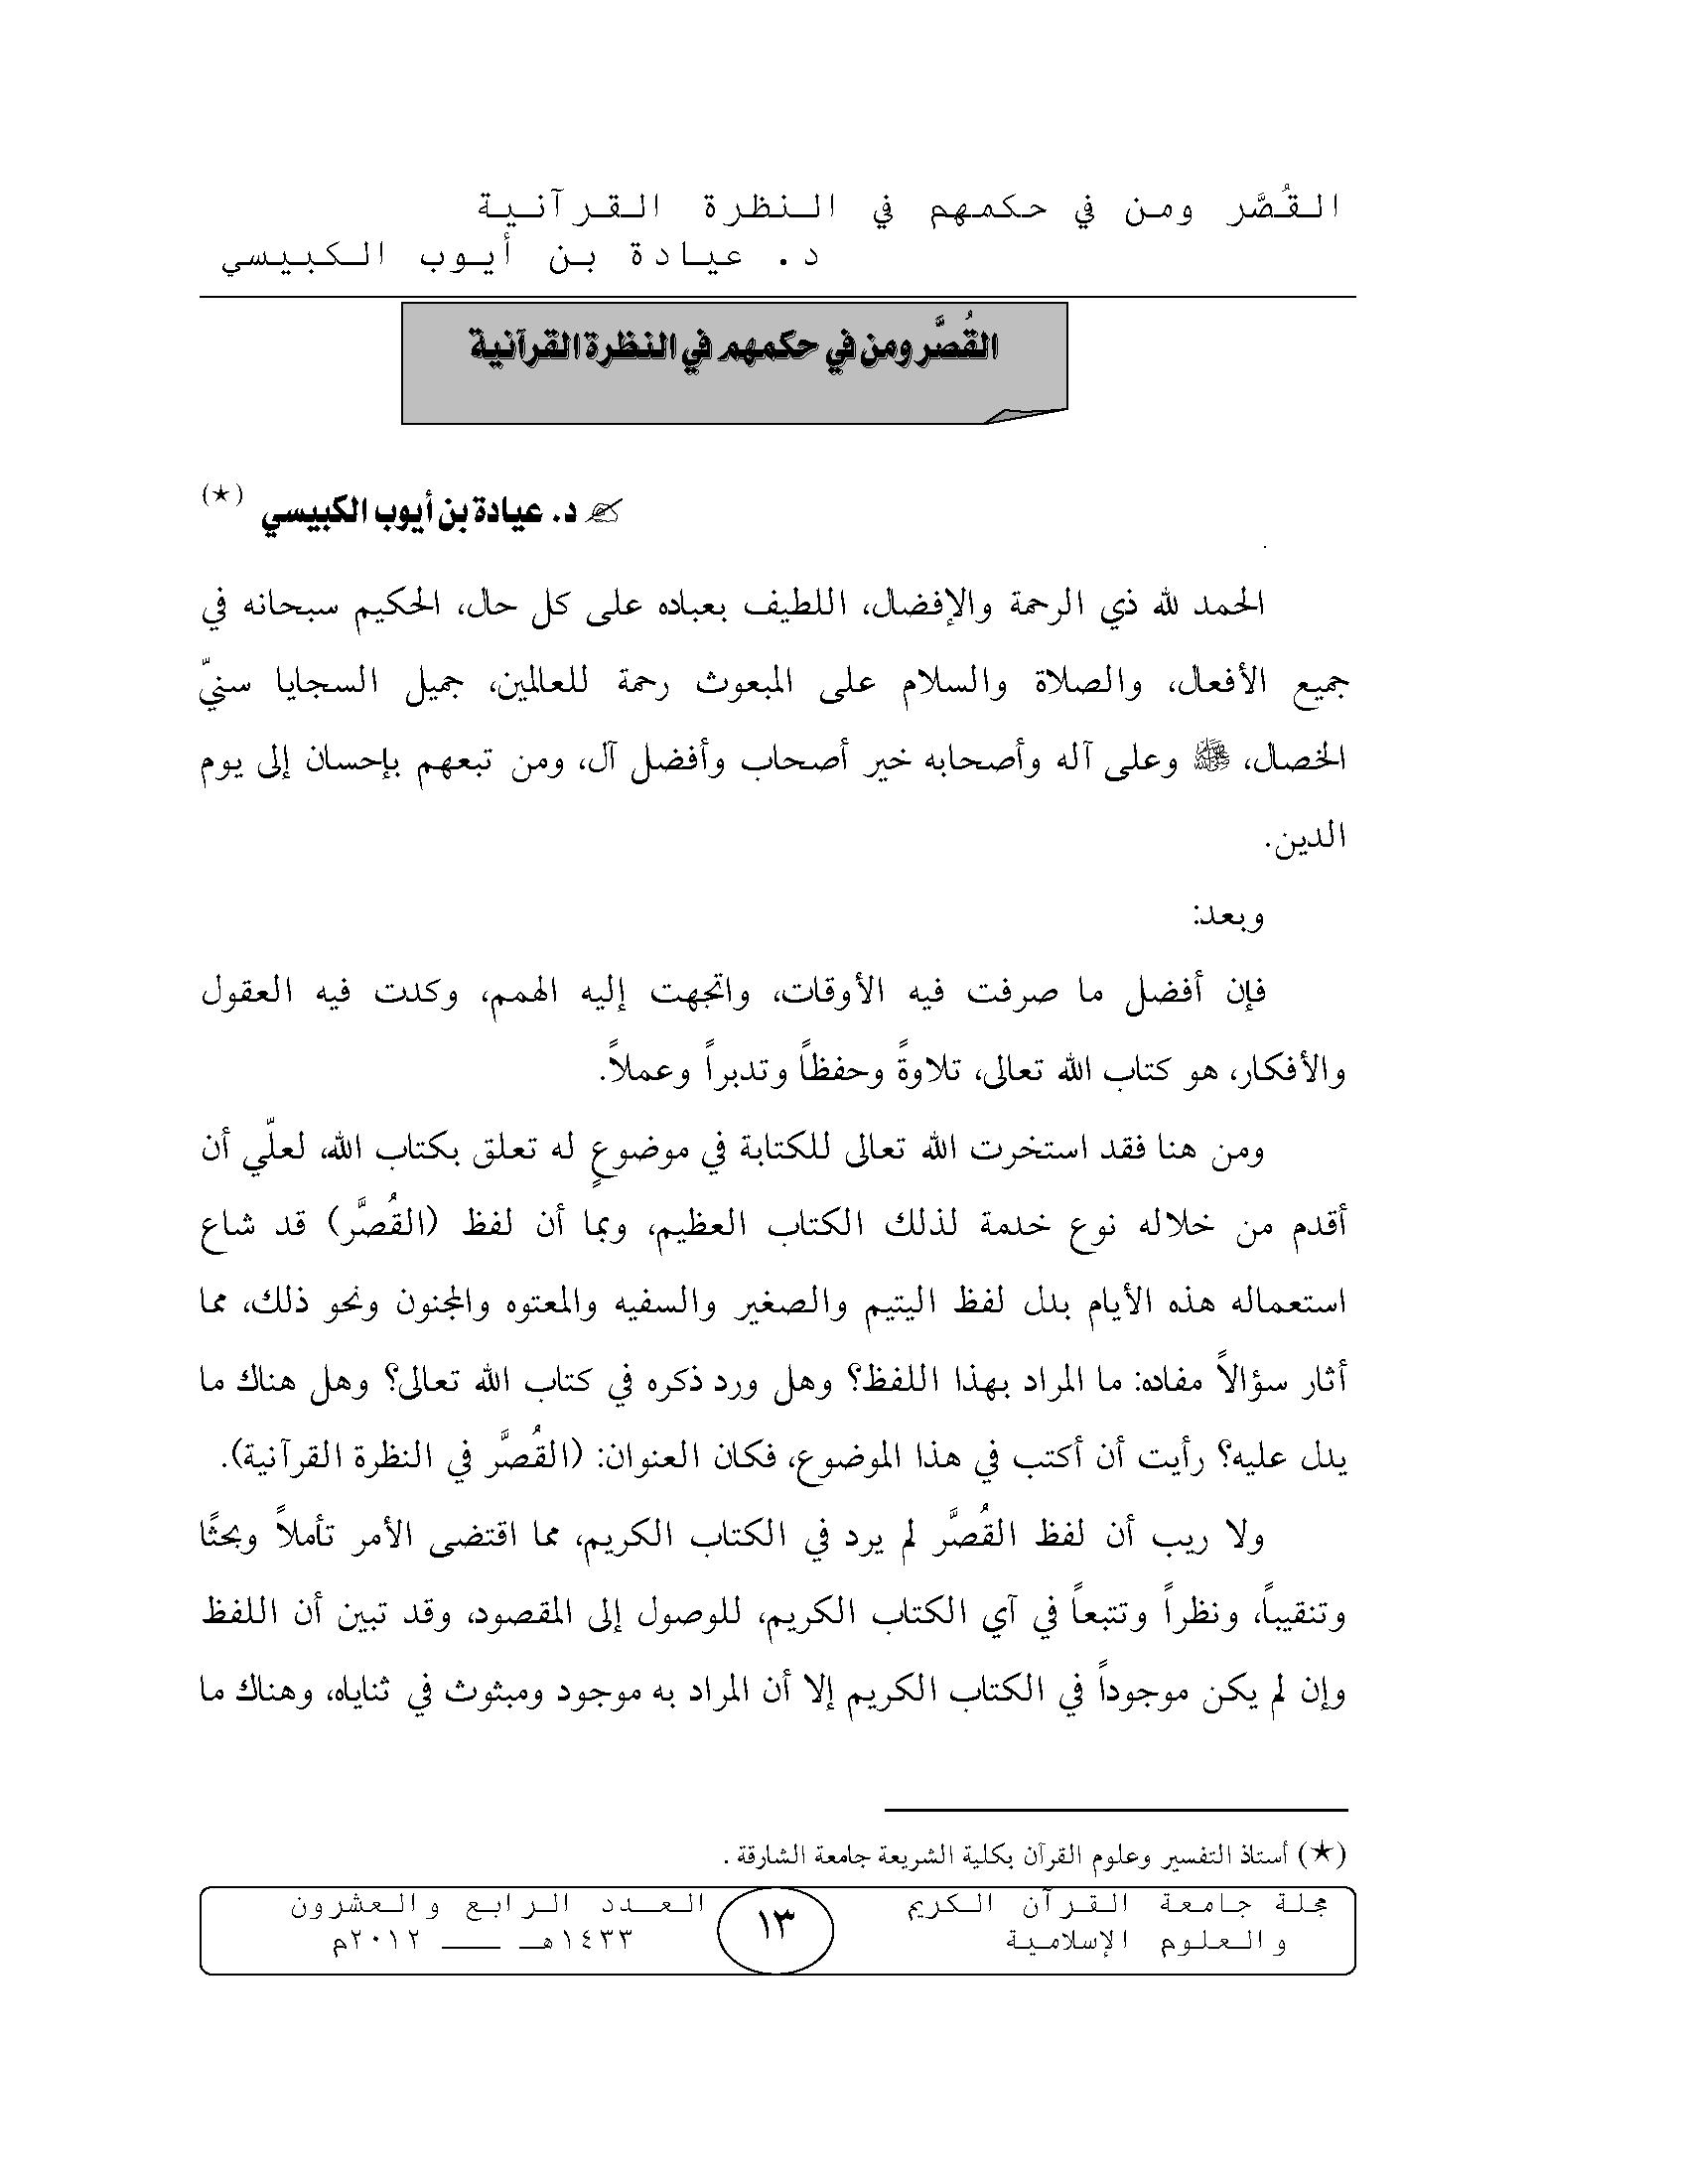 تحميل كتاب القُصَّر ومن في حكمهم في النظرة القرآنية لـِ: الدكتور عيادة بن أيوب الكبيسي